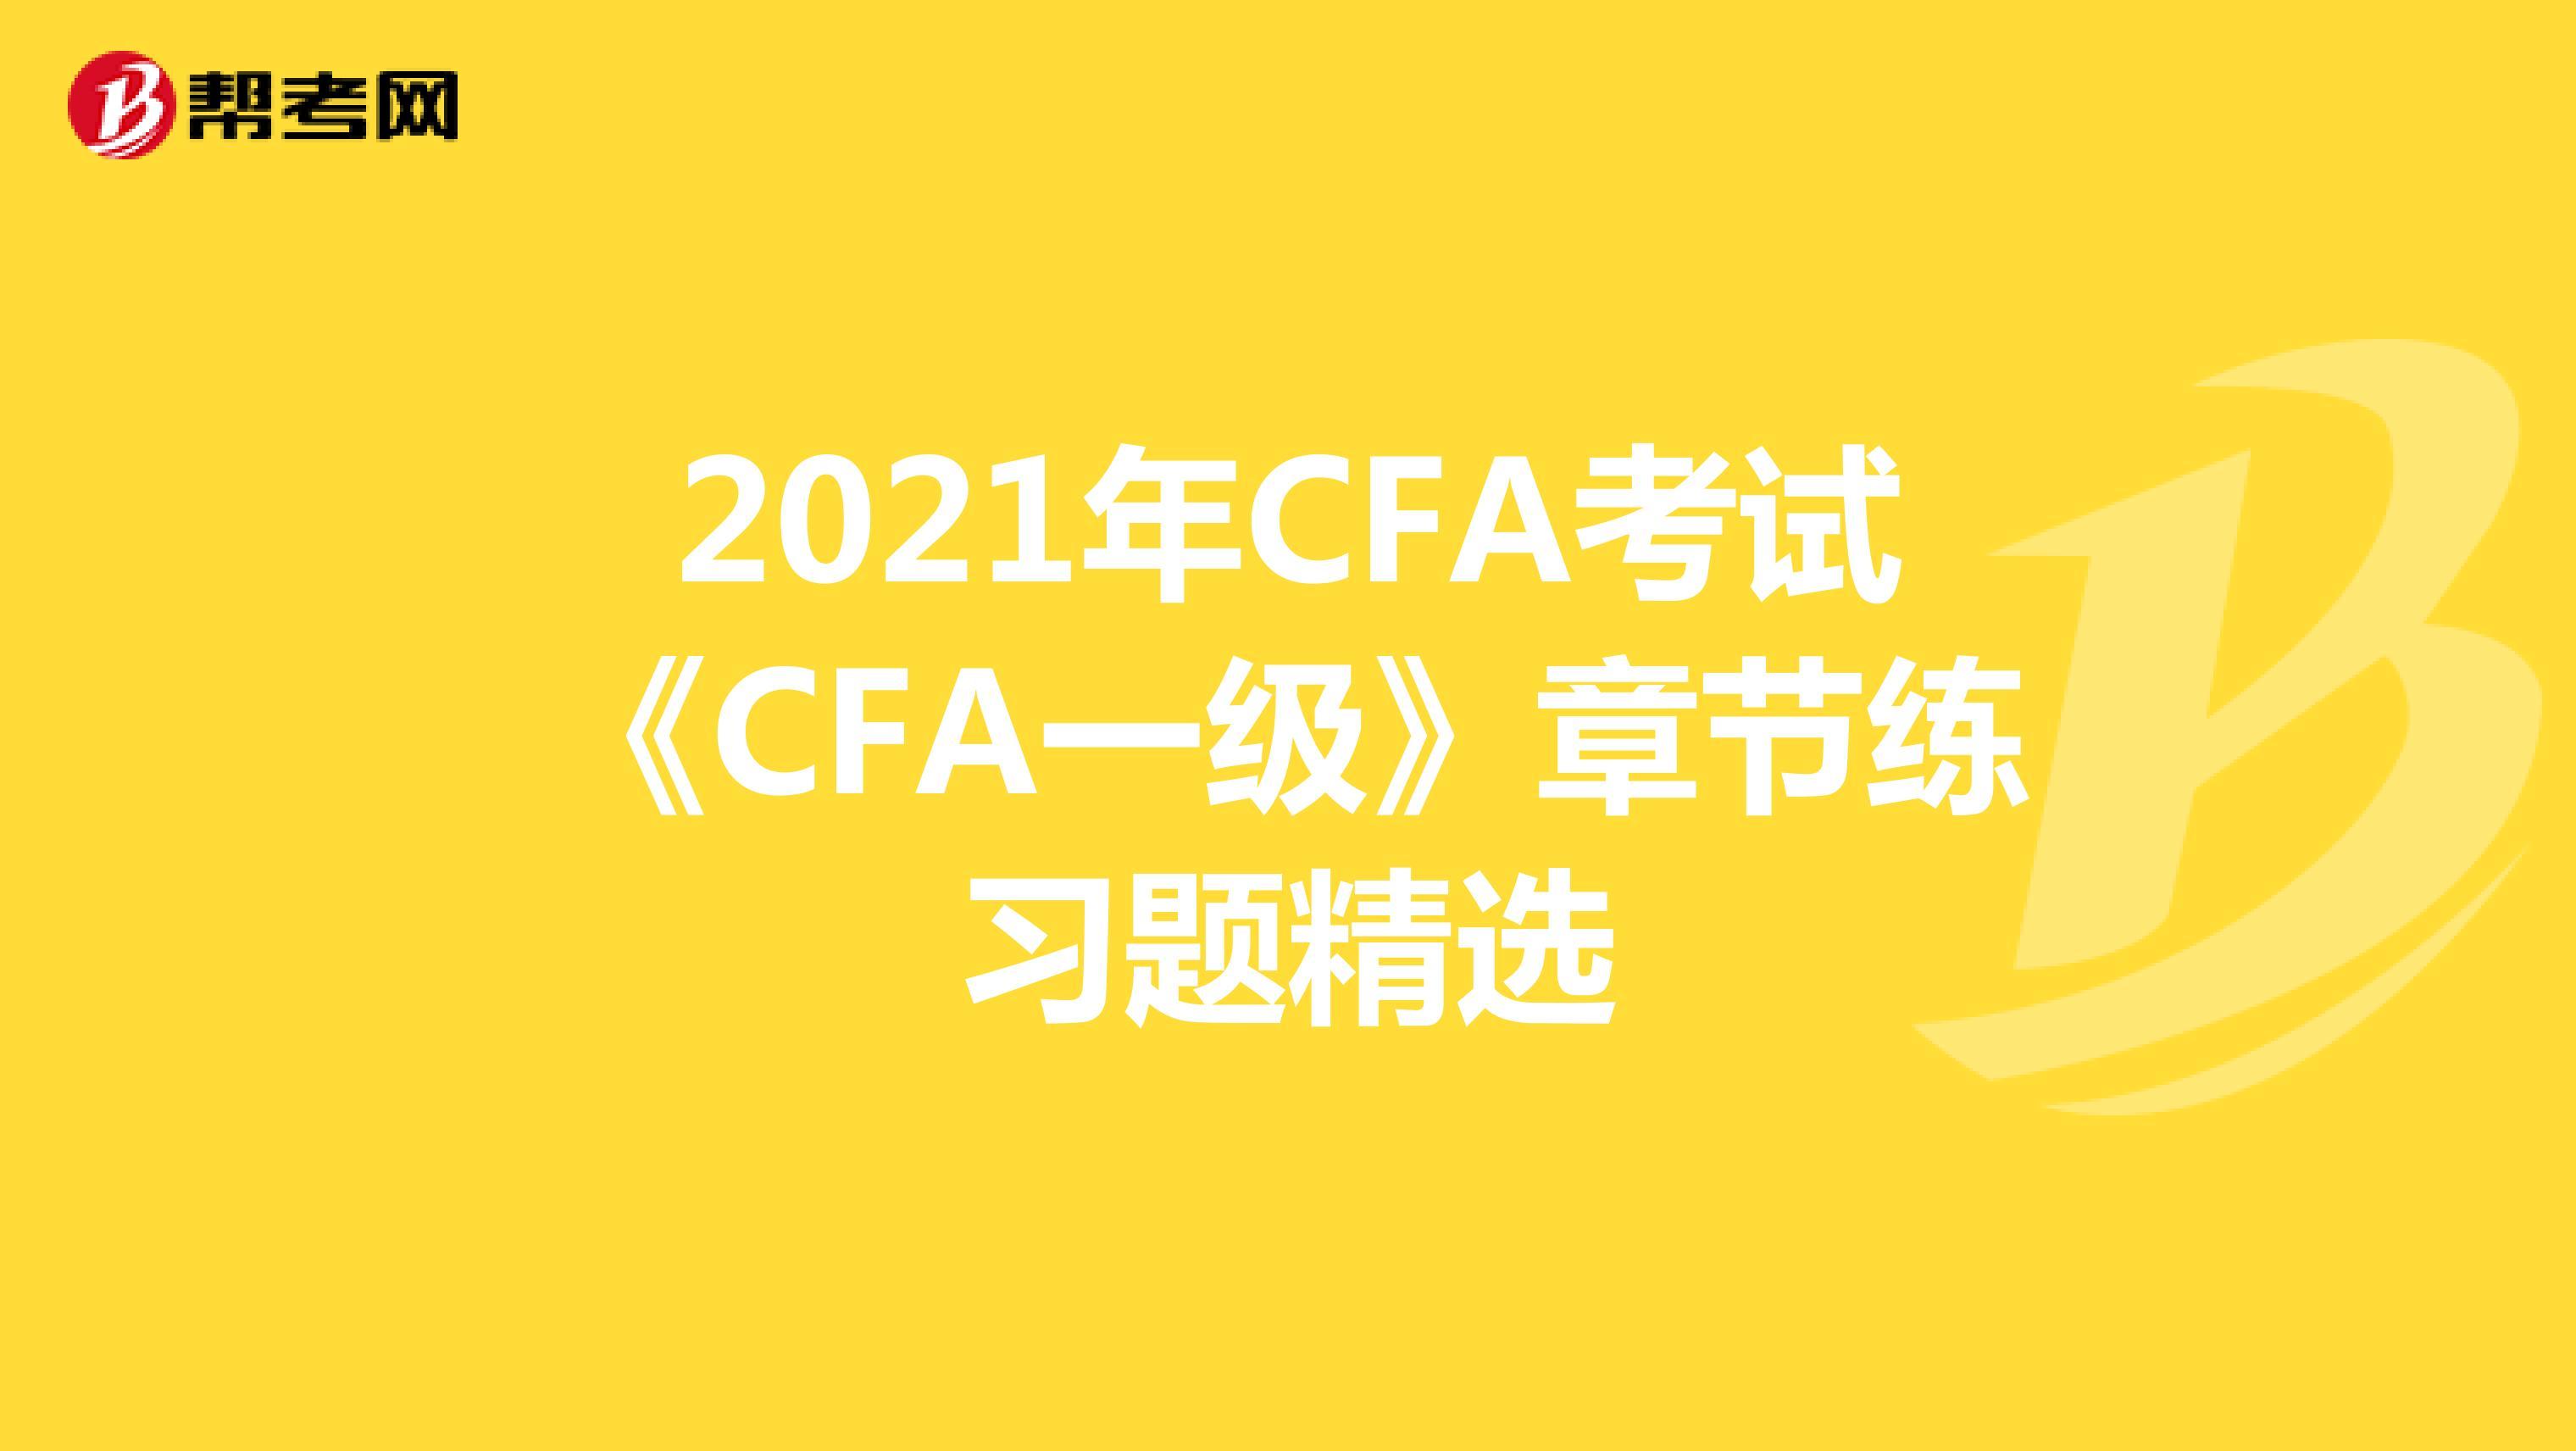 2021年CFA考试《CFA一级》章节练习题精选